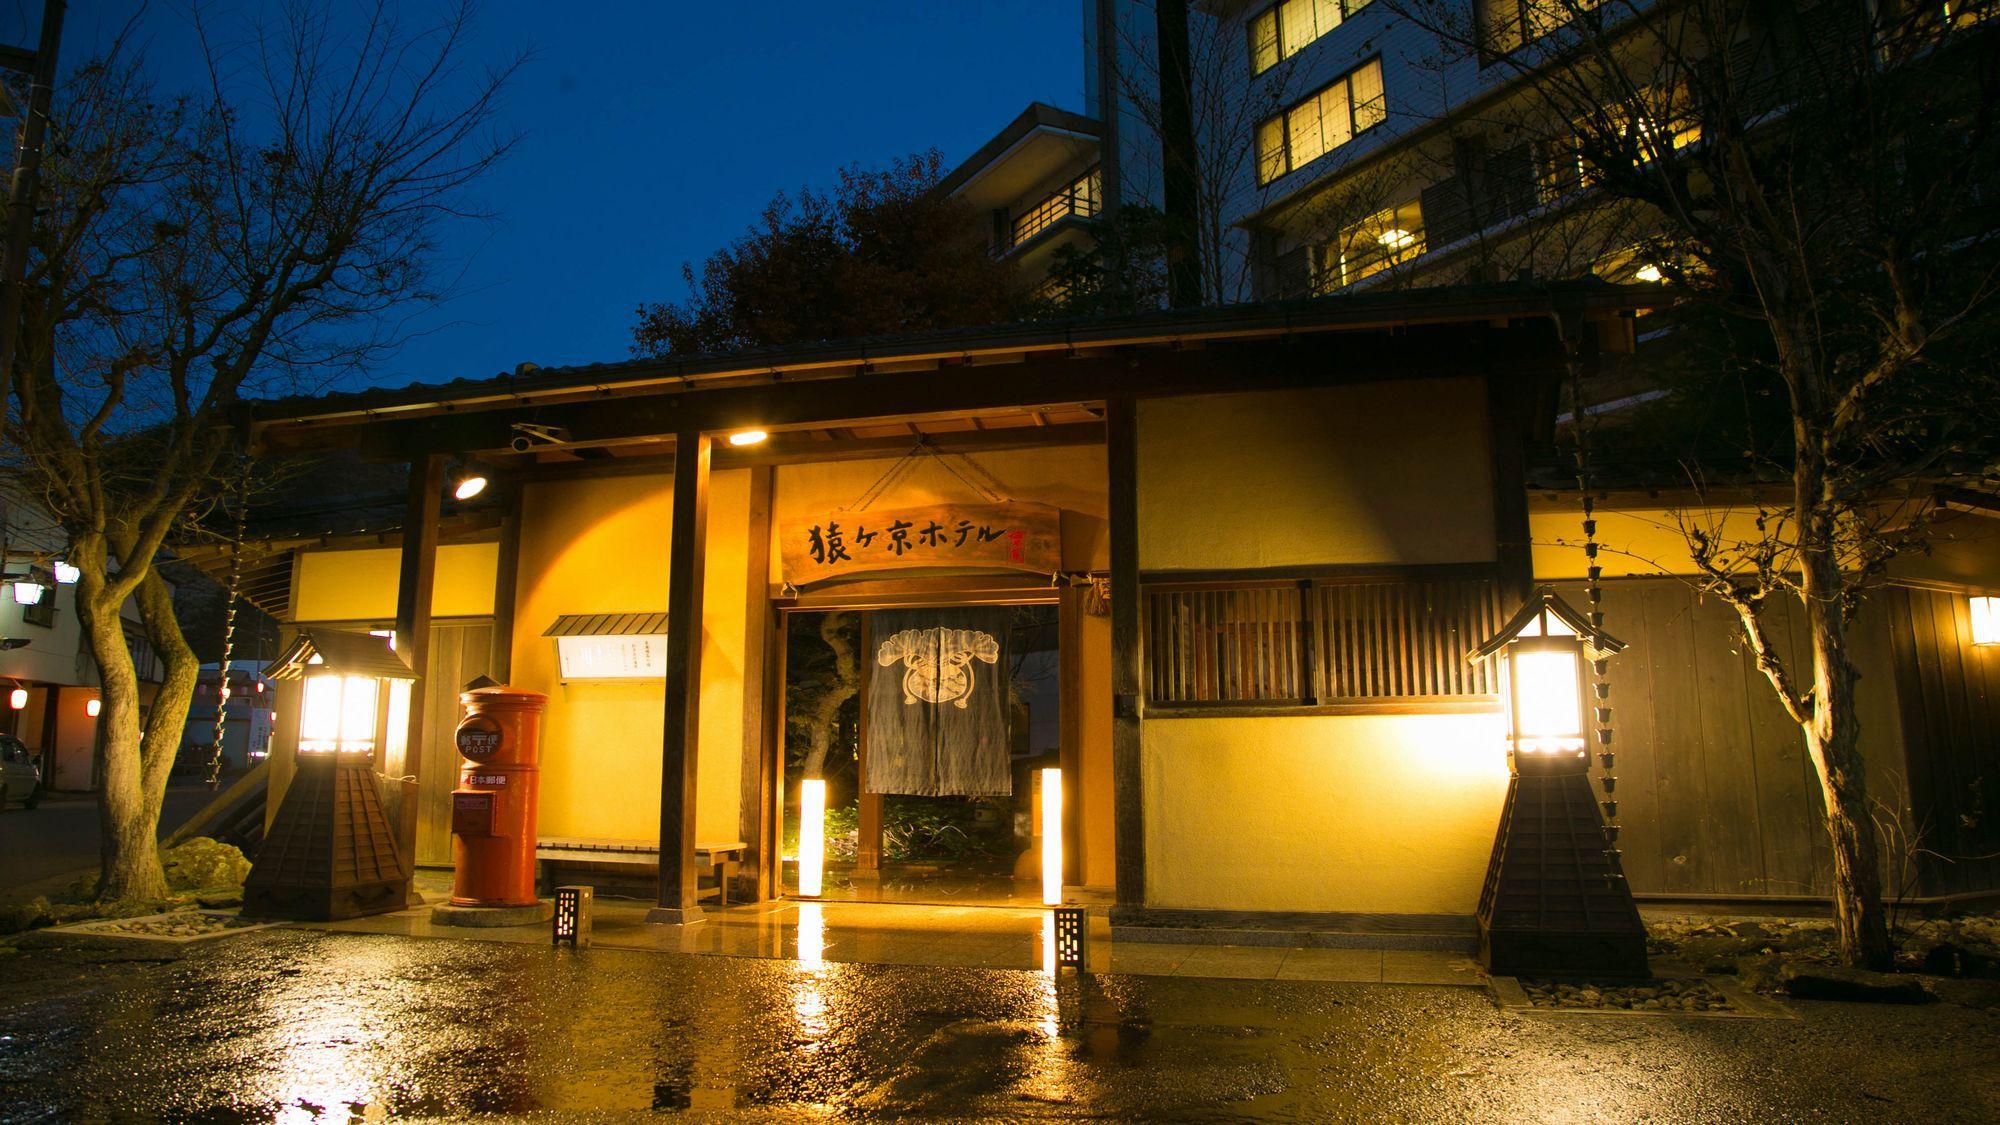 美味しい宿 豆腐懐石 猿ヶ京ホテル